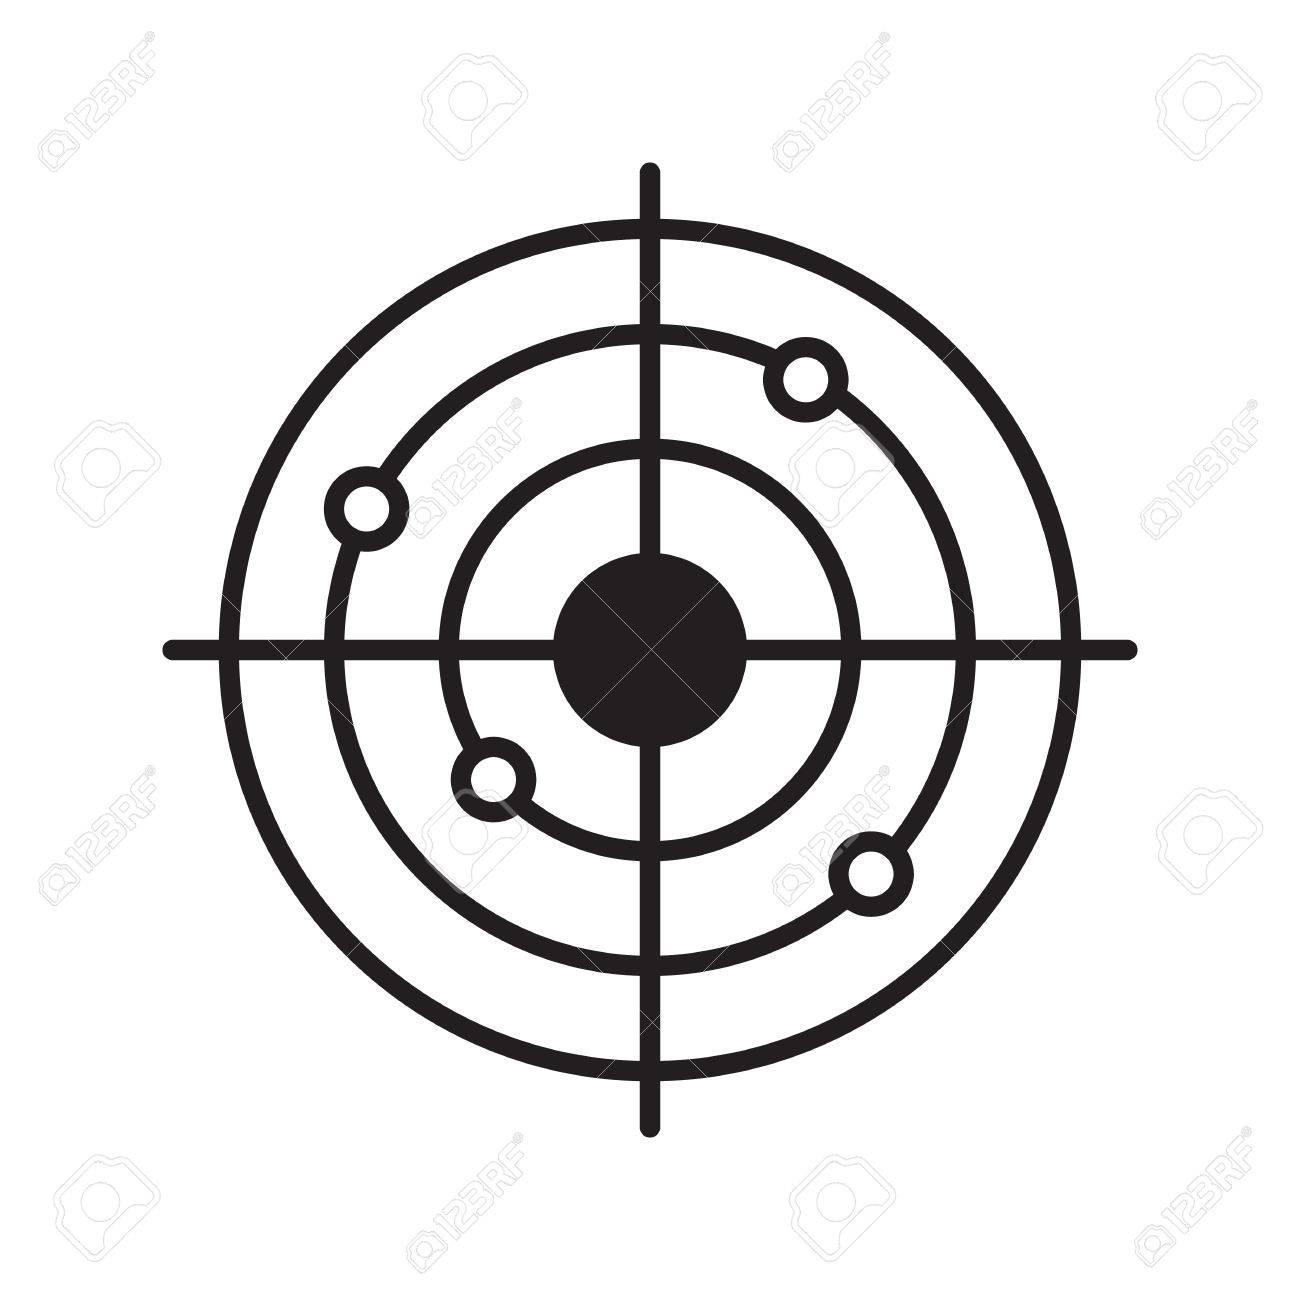 Shotgun Line Drawing At Getdrawings